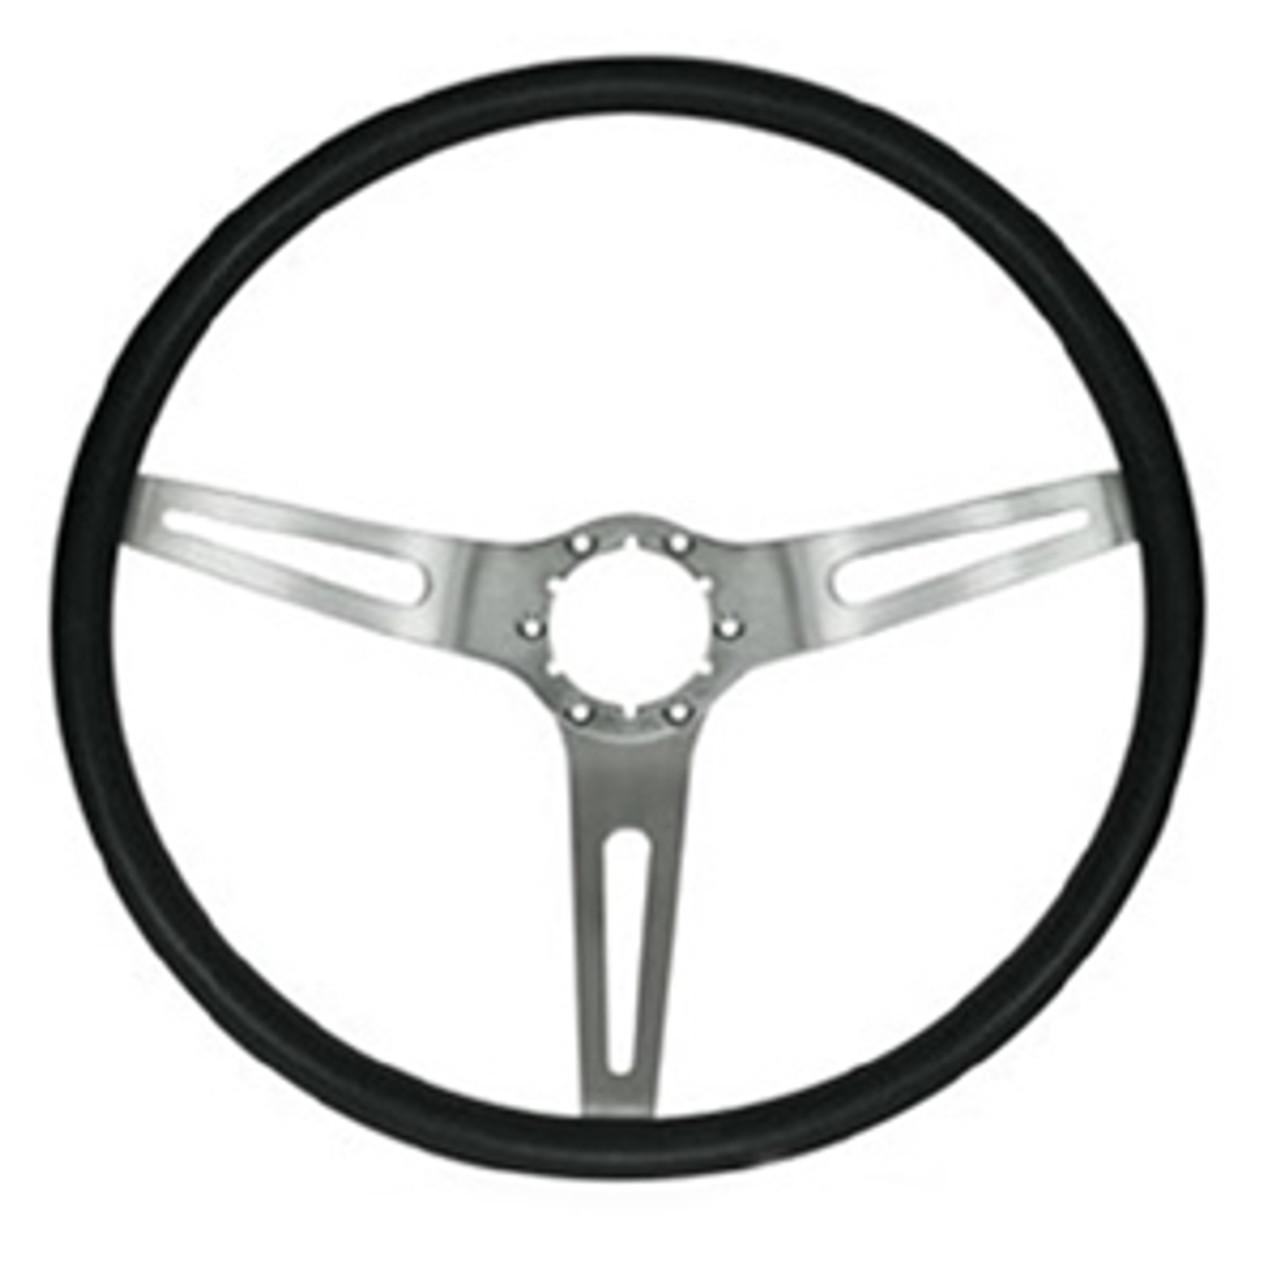 1970 Black 3-Spoke Steering Wheel (Wheel Only)